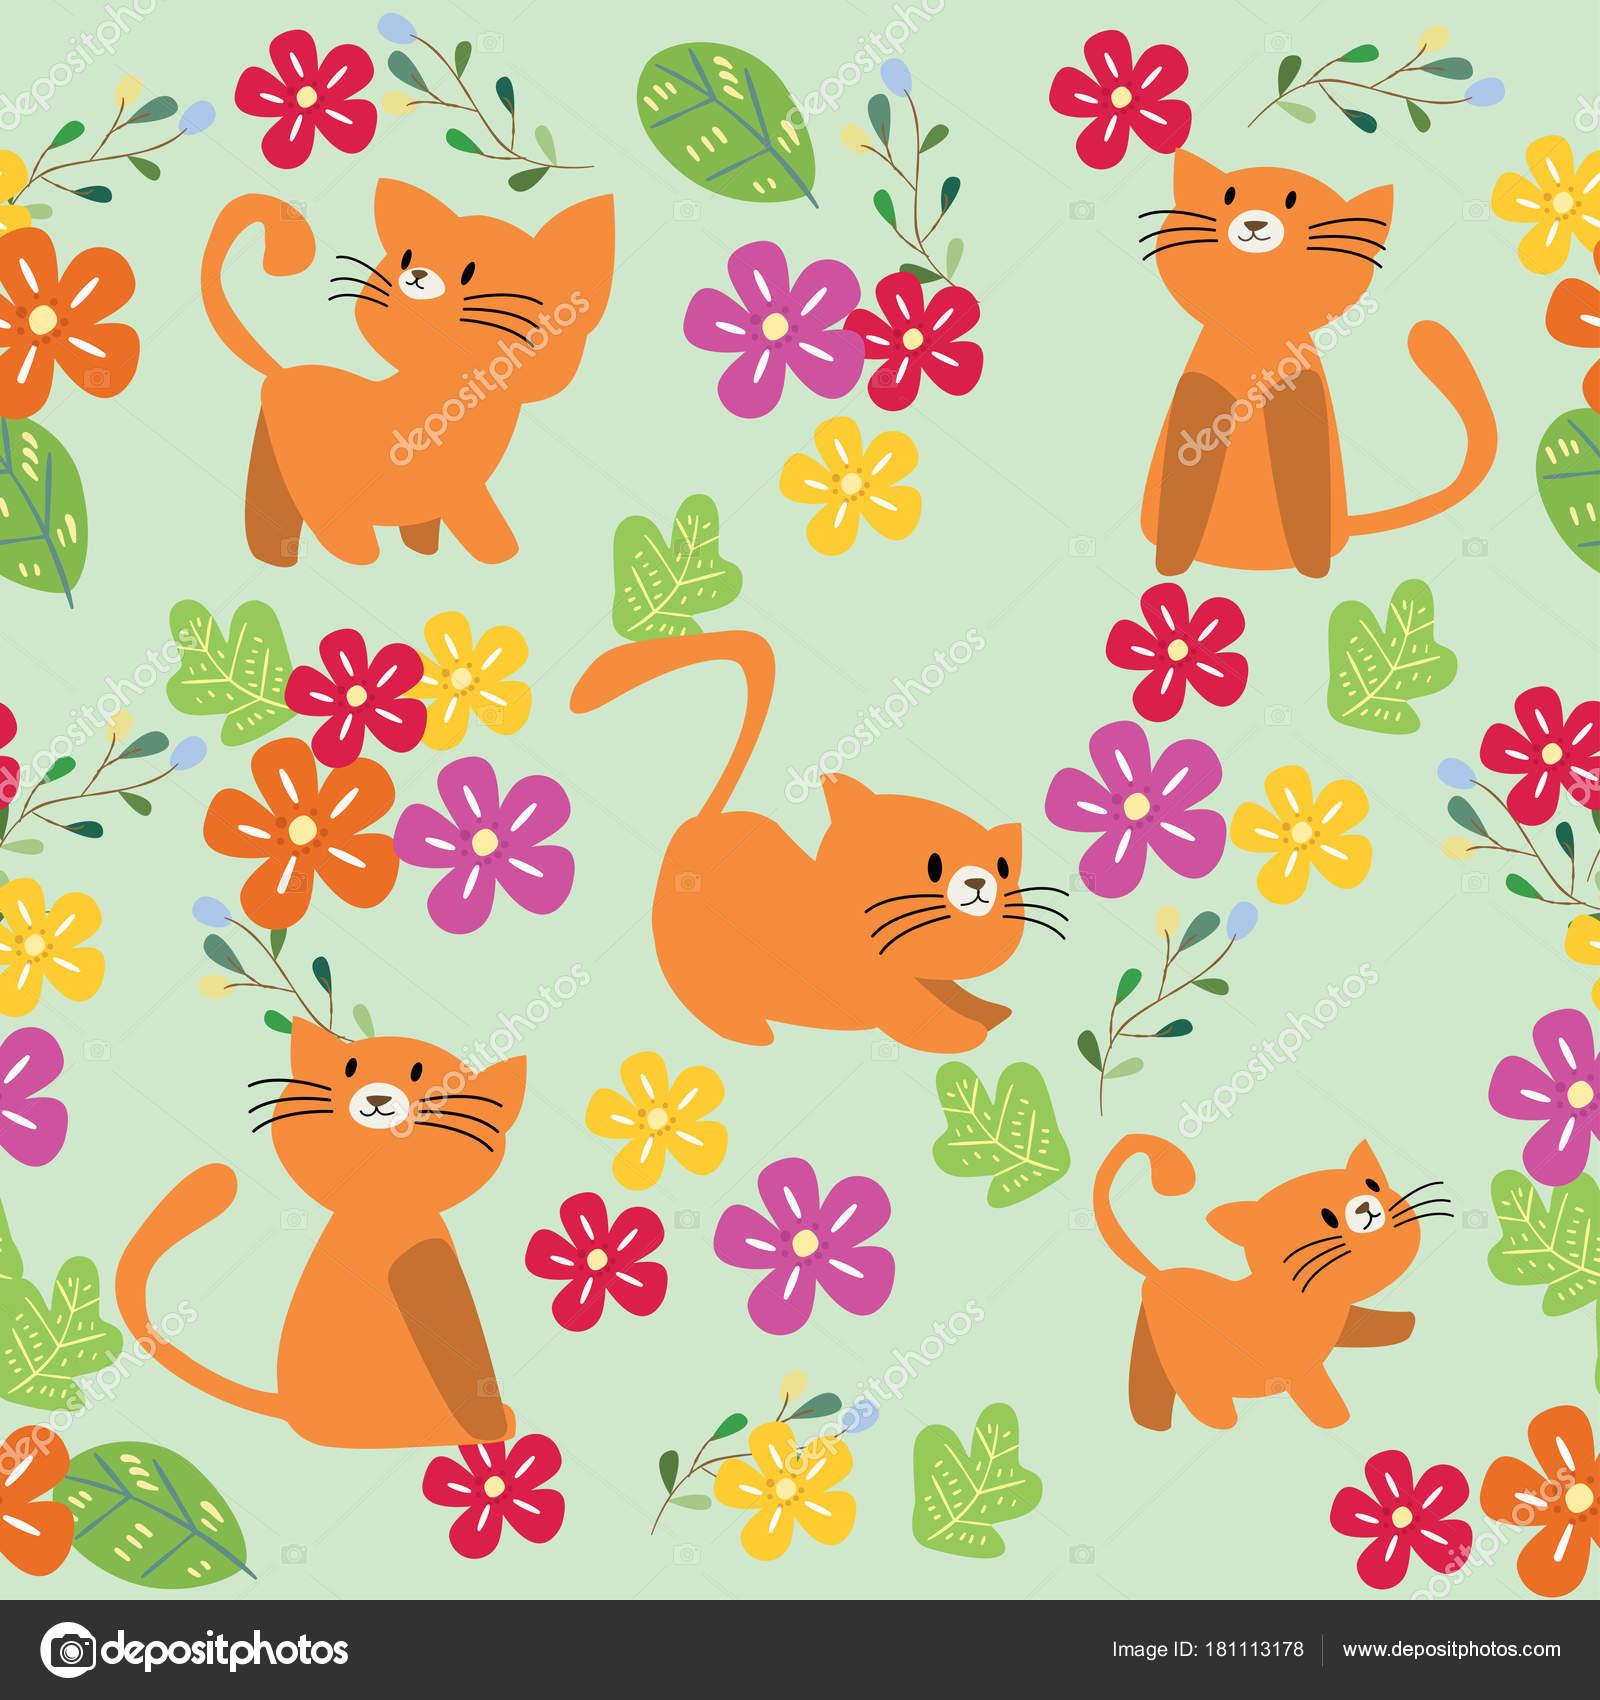 Moldes De Letras Animadas Para Imprimir A Color Lindo Gato